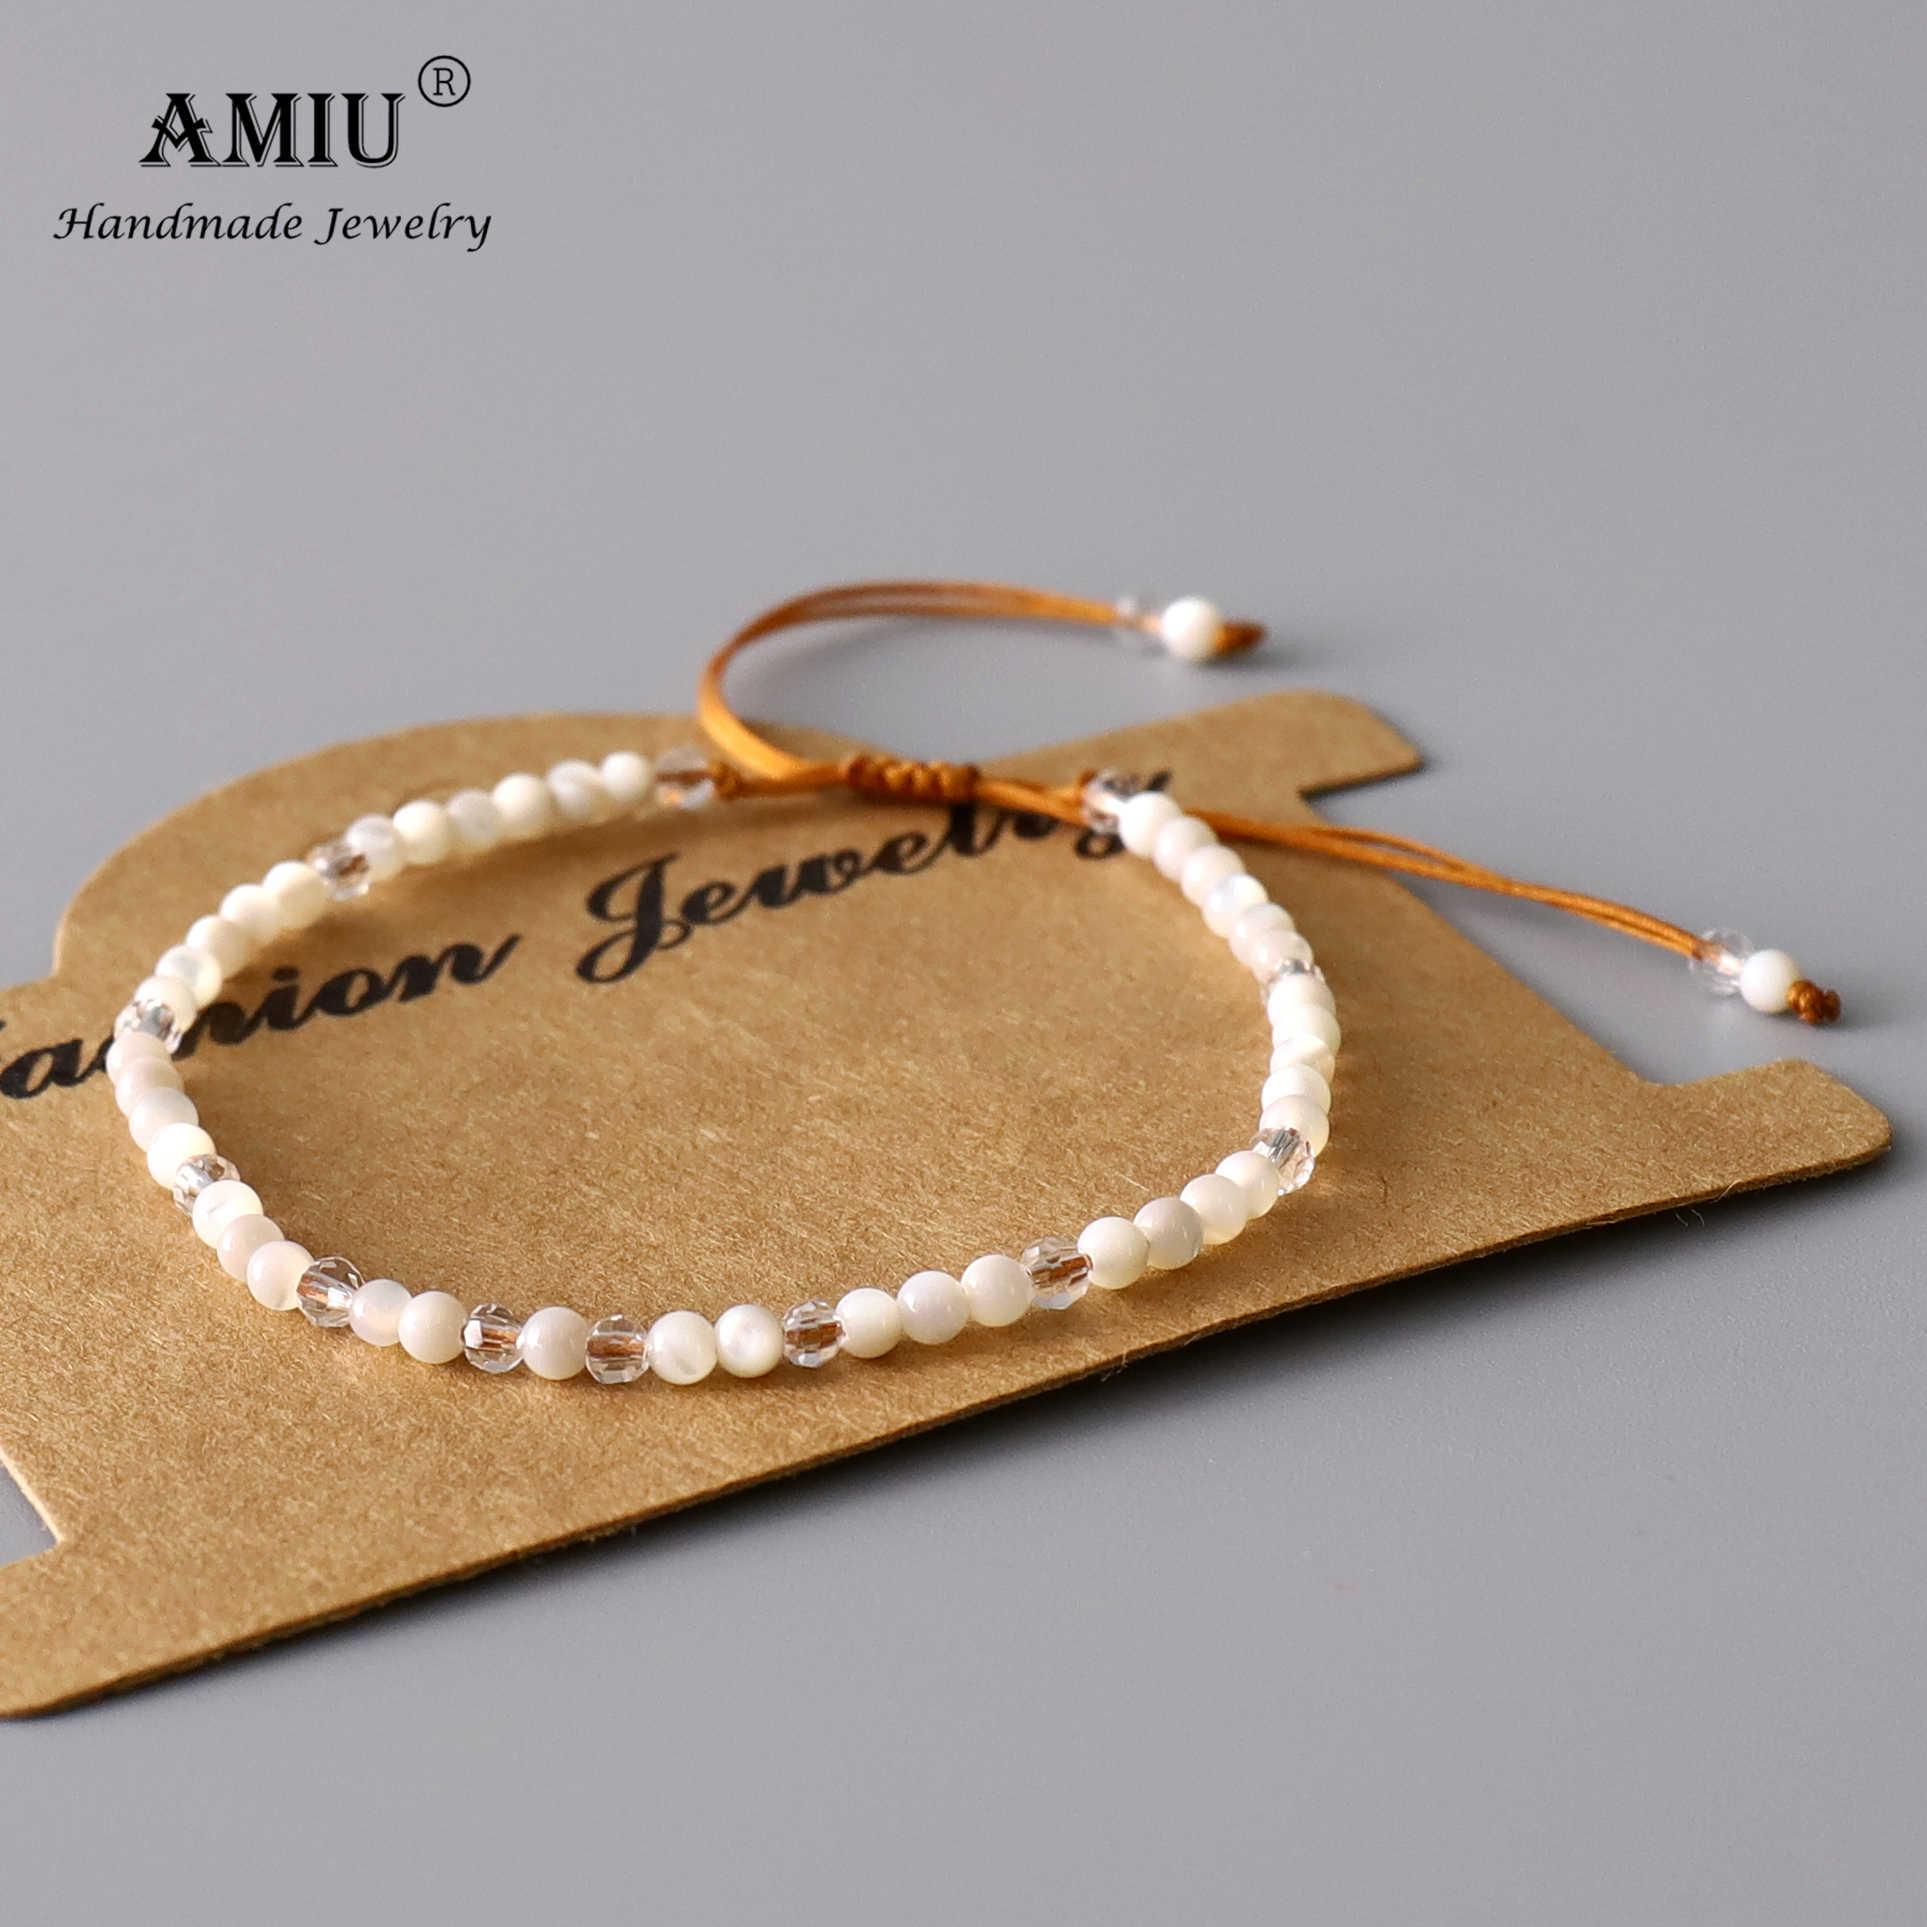 AMIU doğal beyaz İnci bilezik boncuk ayarlanabilir bilezik doğal kristal Bohemia getirmek şanslı hediye olarak bilezikler